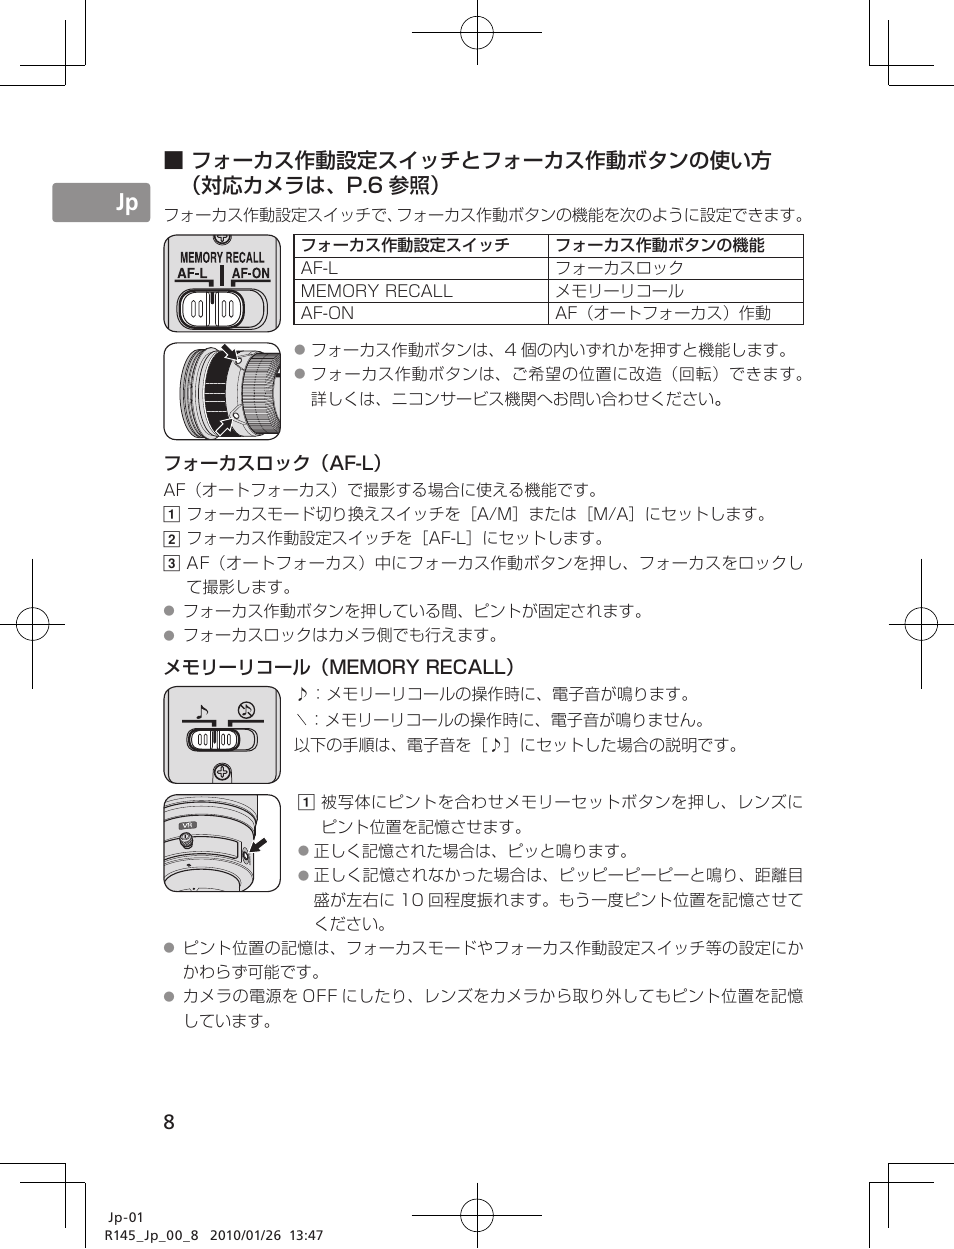 Jp en de fr es se ru nl it ck ch kr | Nikon 200-400mm f 4G ED AF-S VR II Zoom-Nikkor User Manual | Page 8 / 212